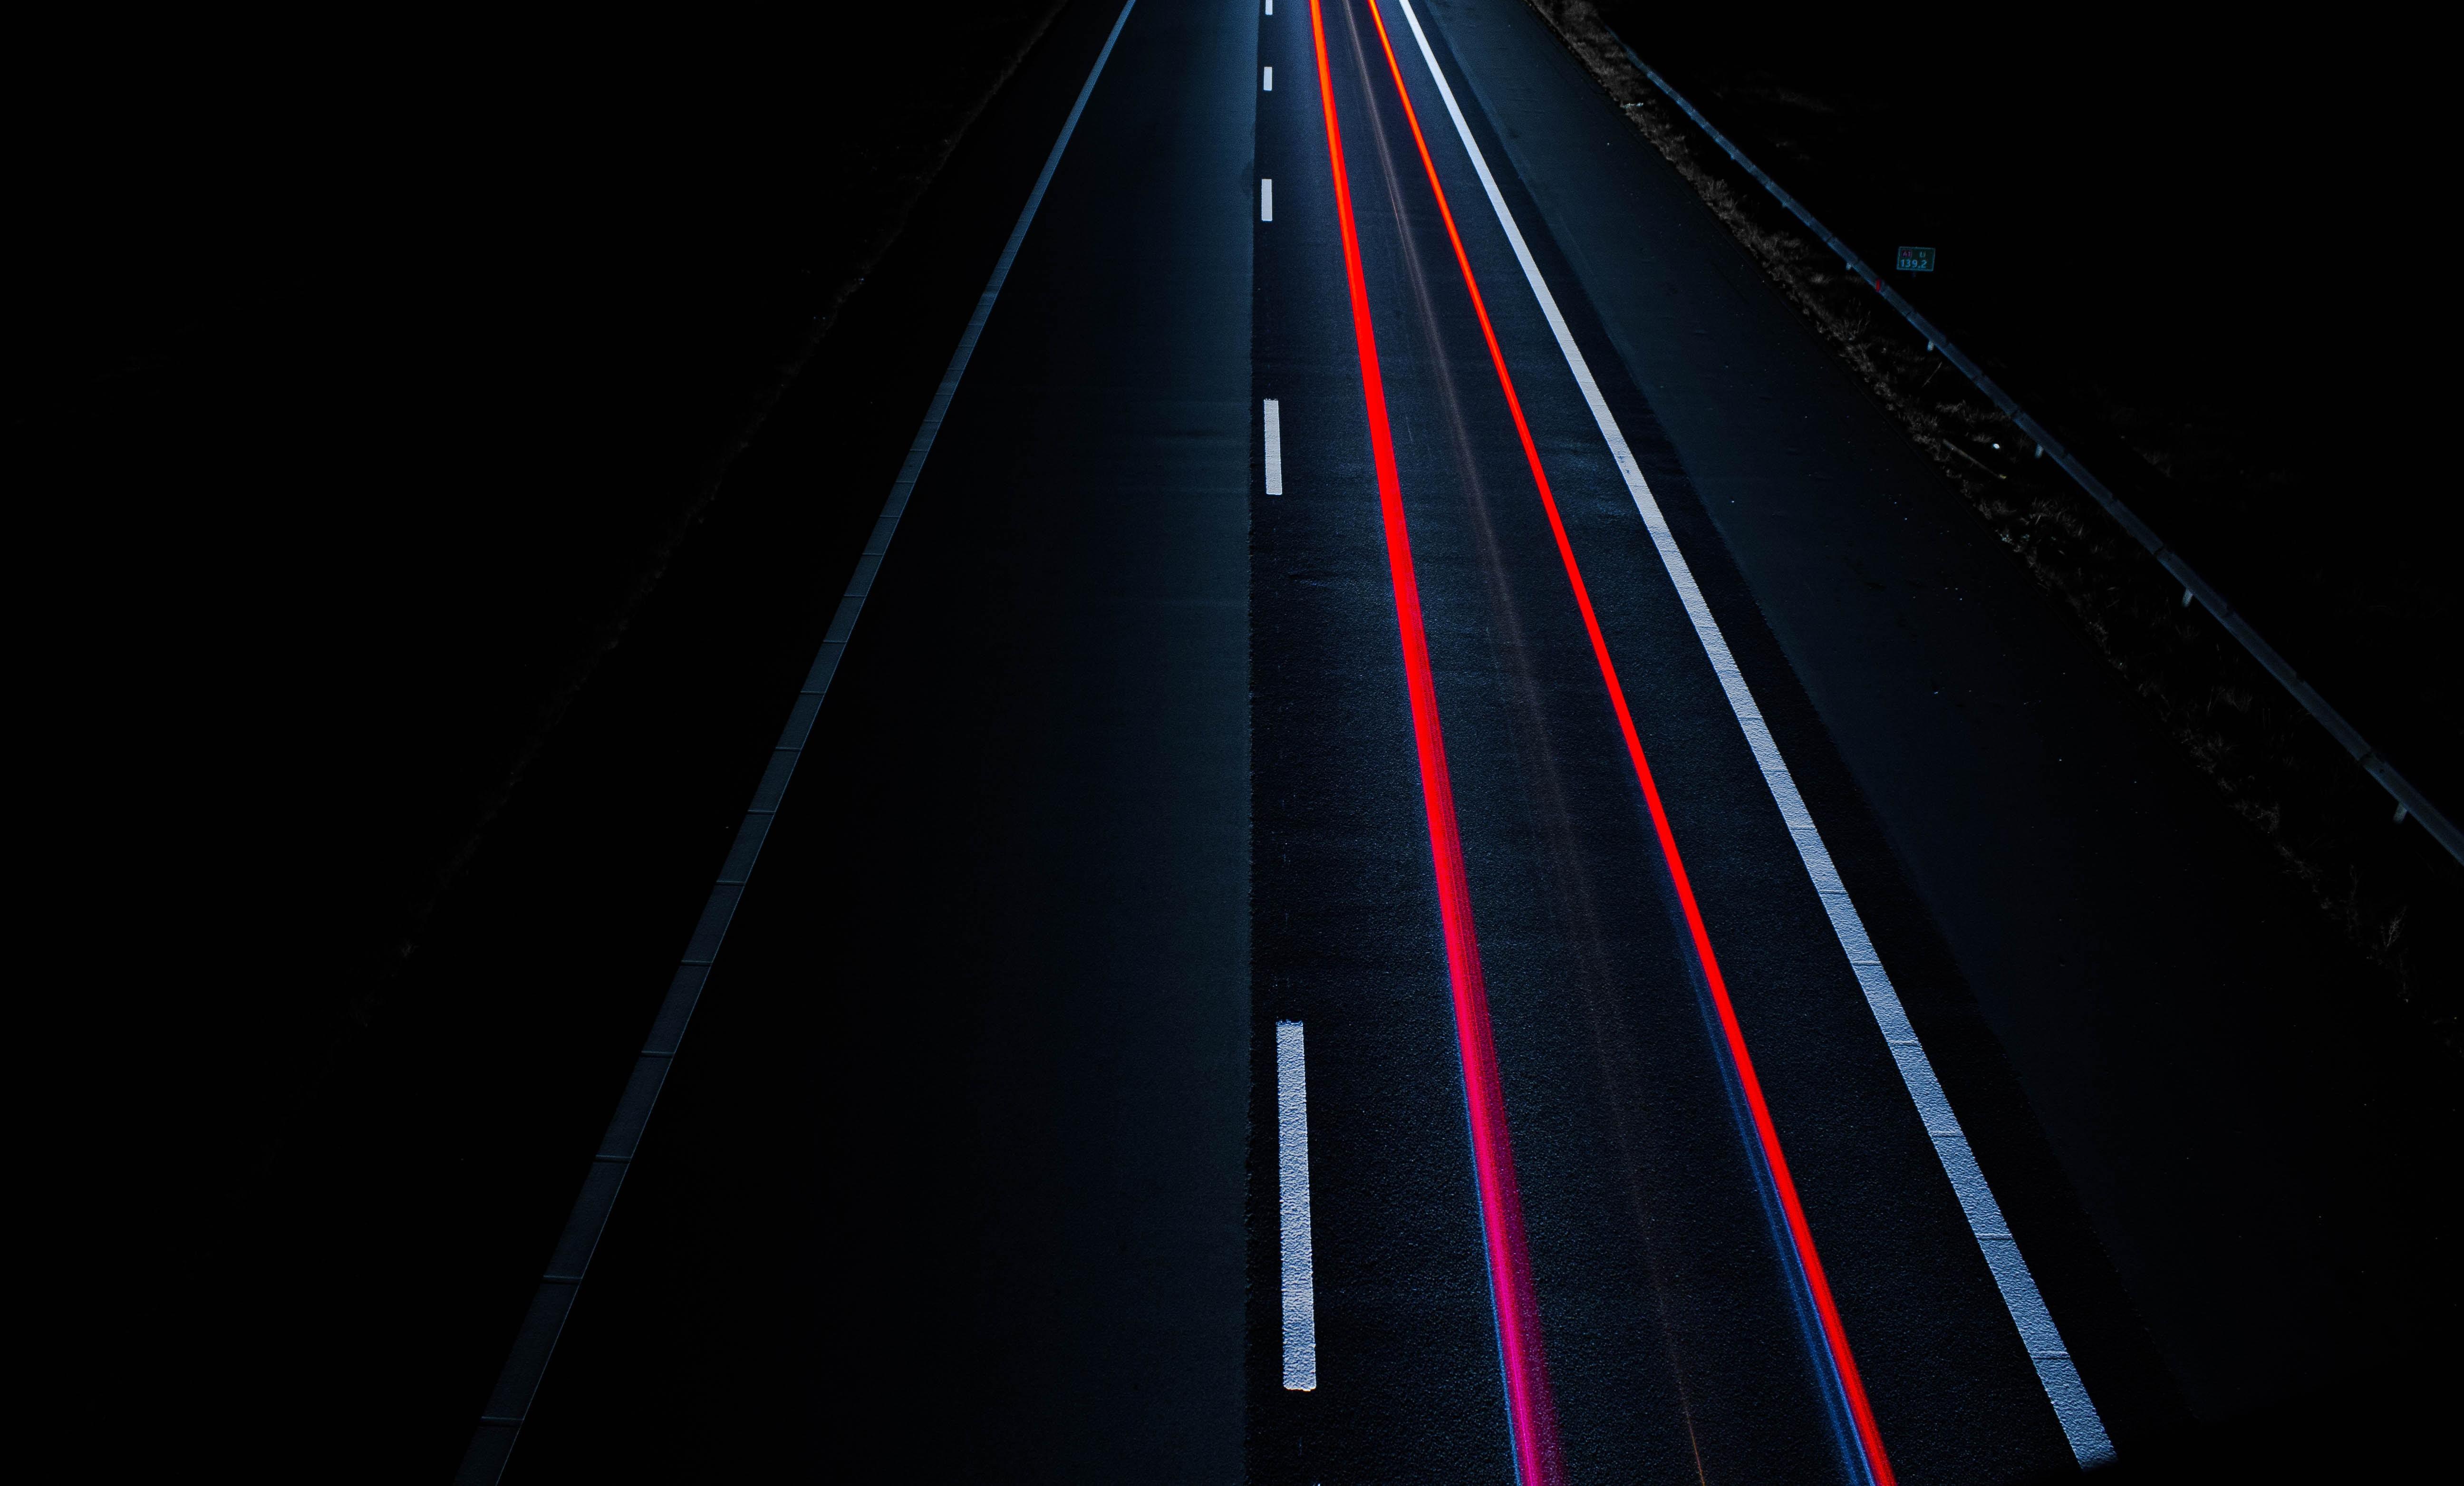 asphalt road with red line